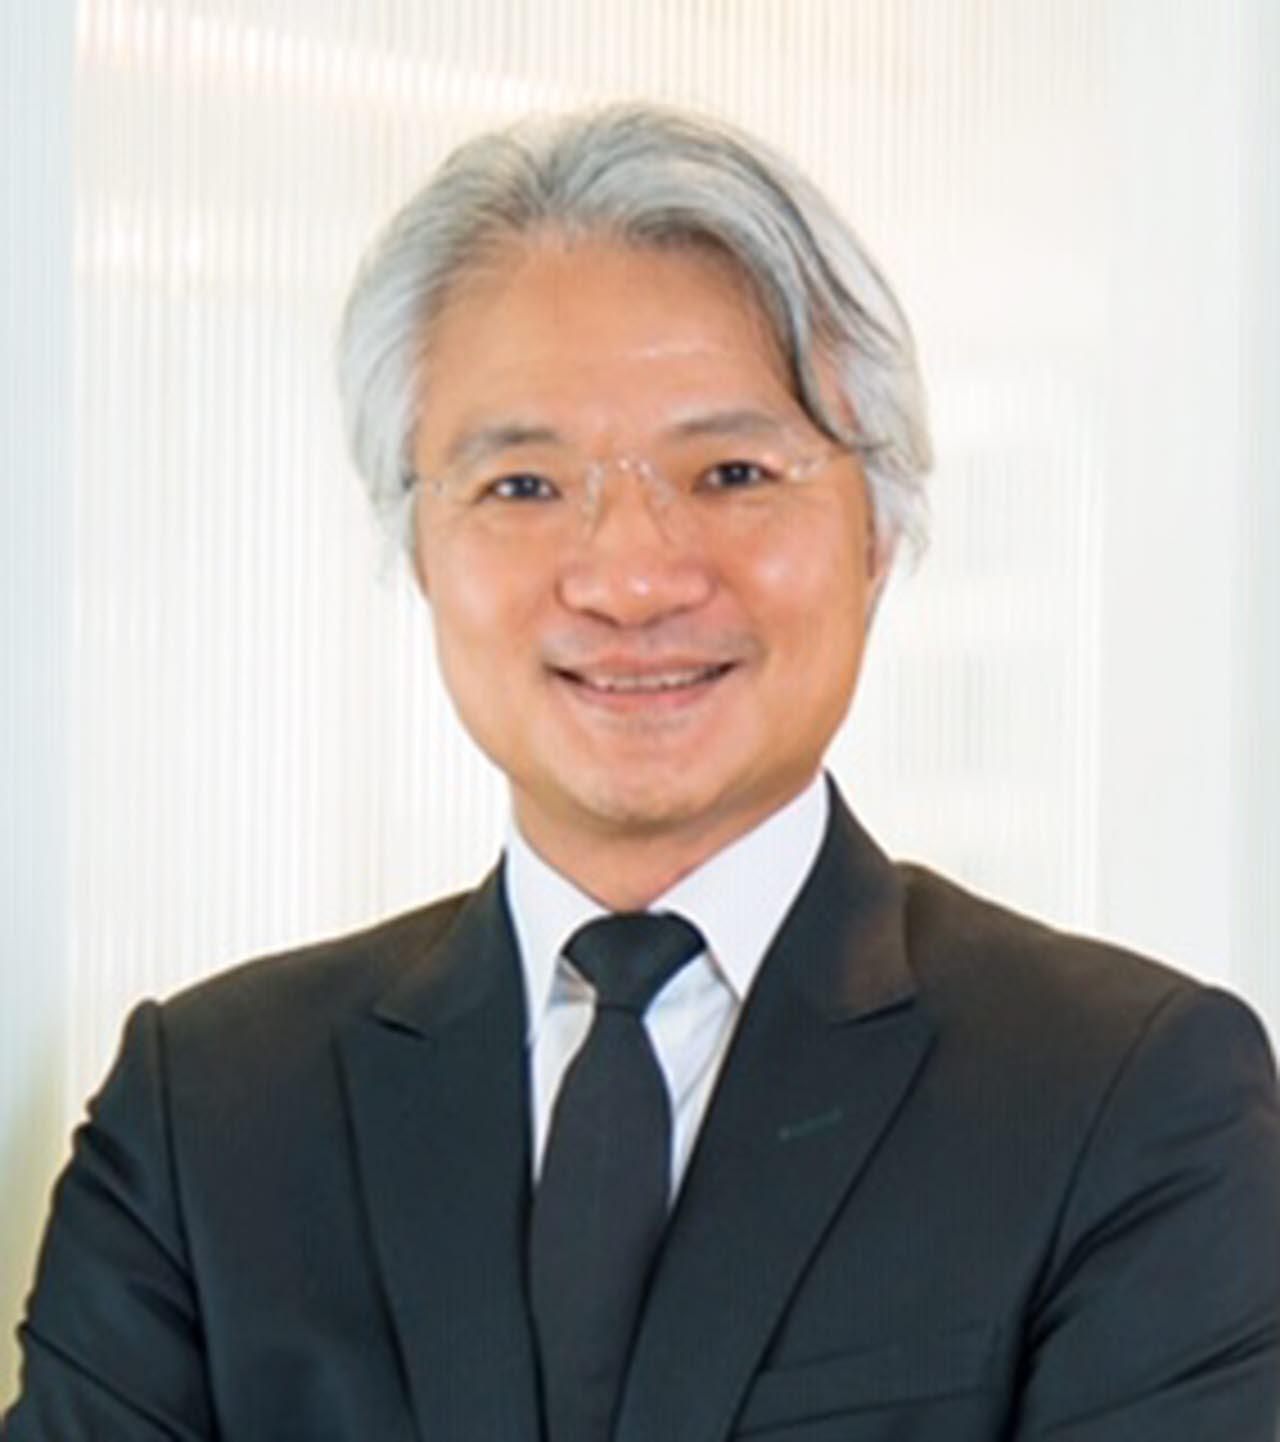 Clement Lau